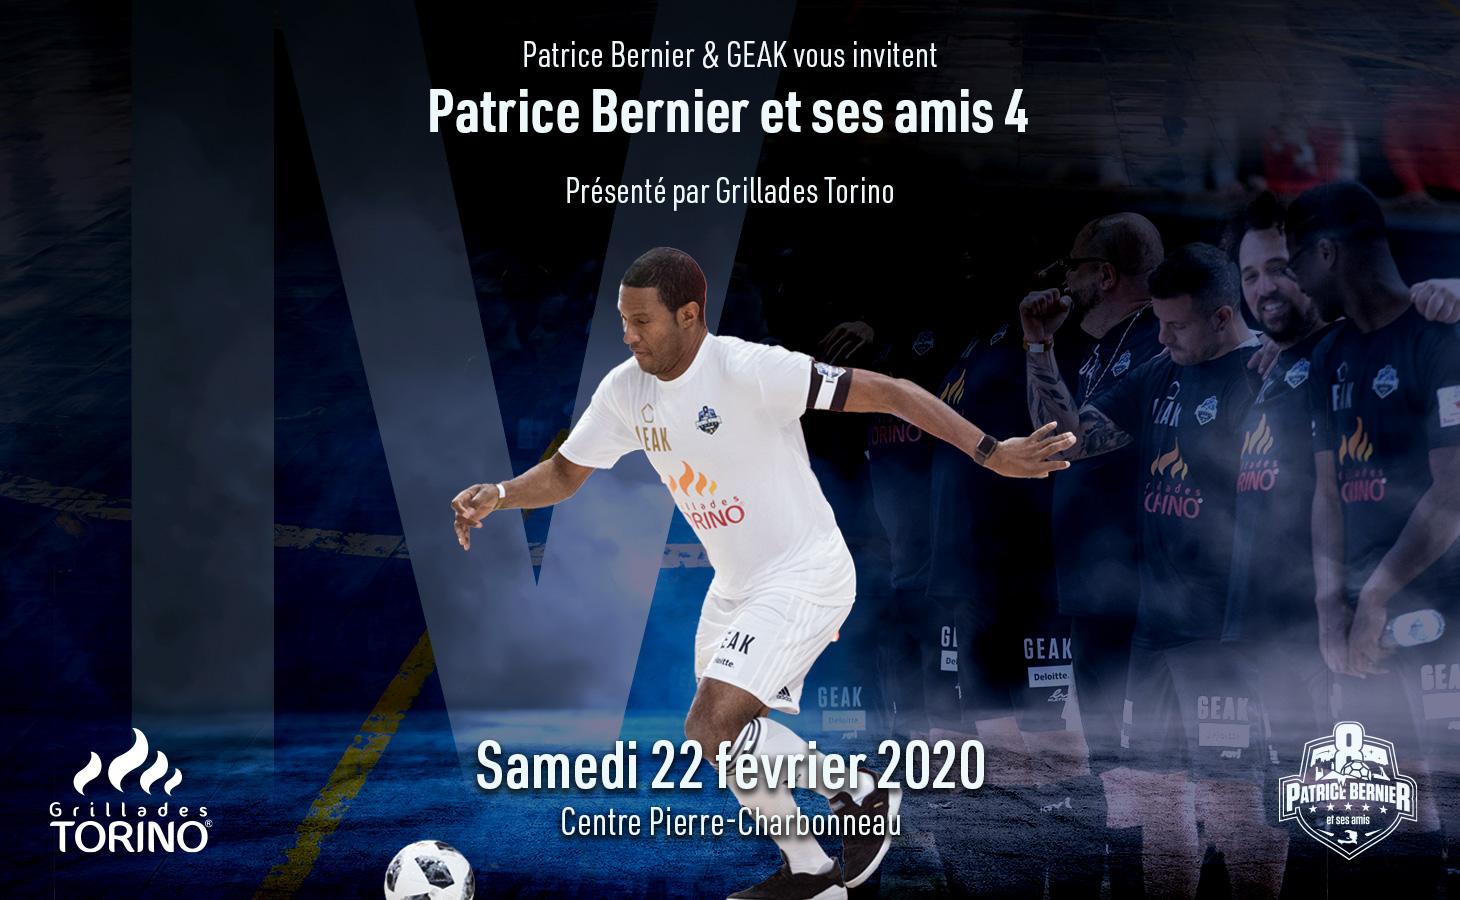 En place pour Patrice Bernier et ses amis 4 !